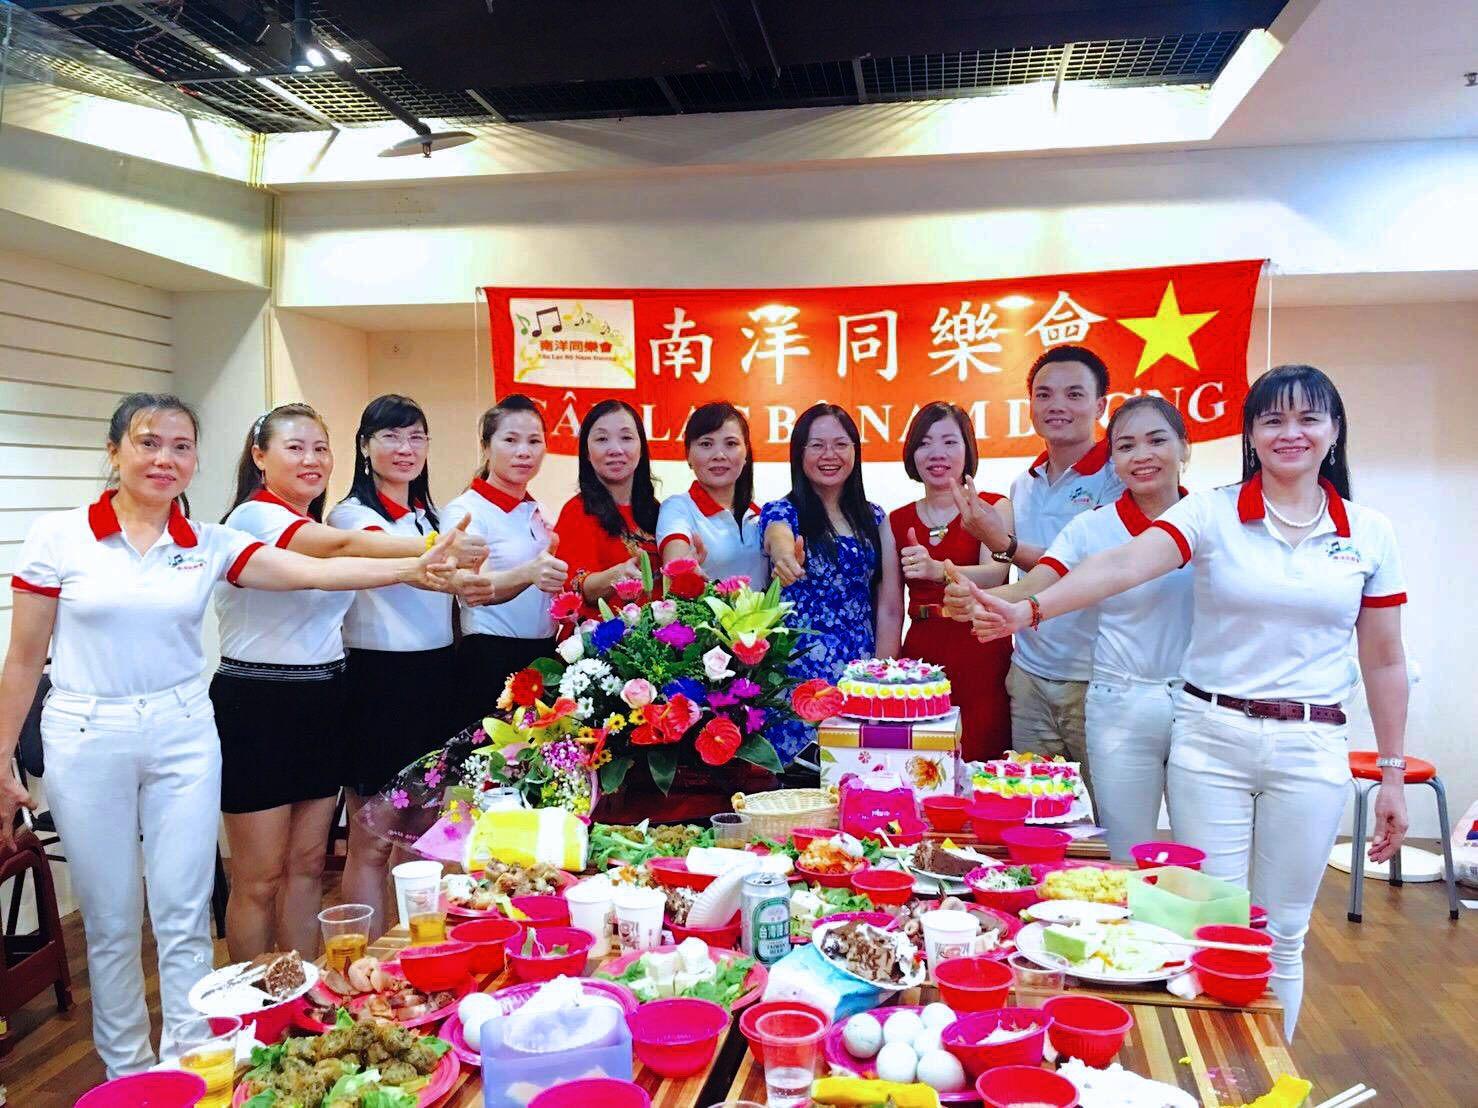 Grup tari Nanyang Dong Le Hui berkumpul dan makan bersama